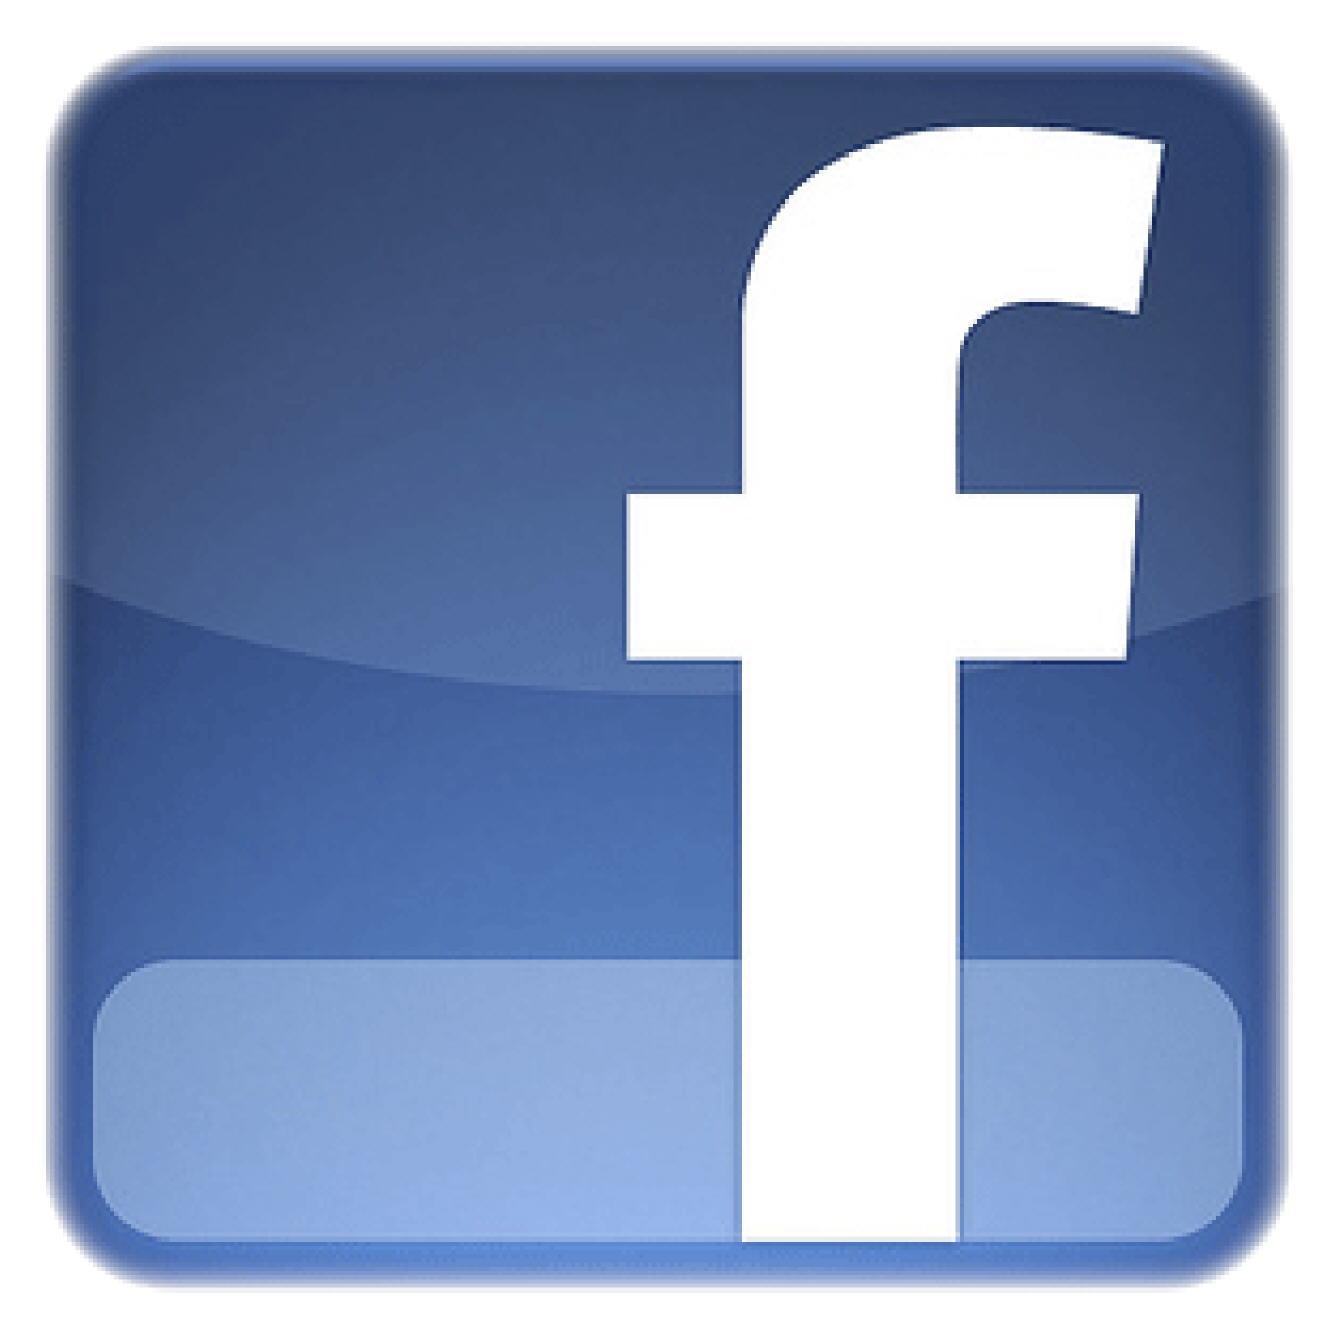 Aimer notre page Facebook Ekita Café